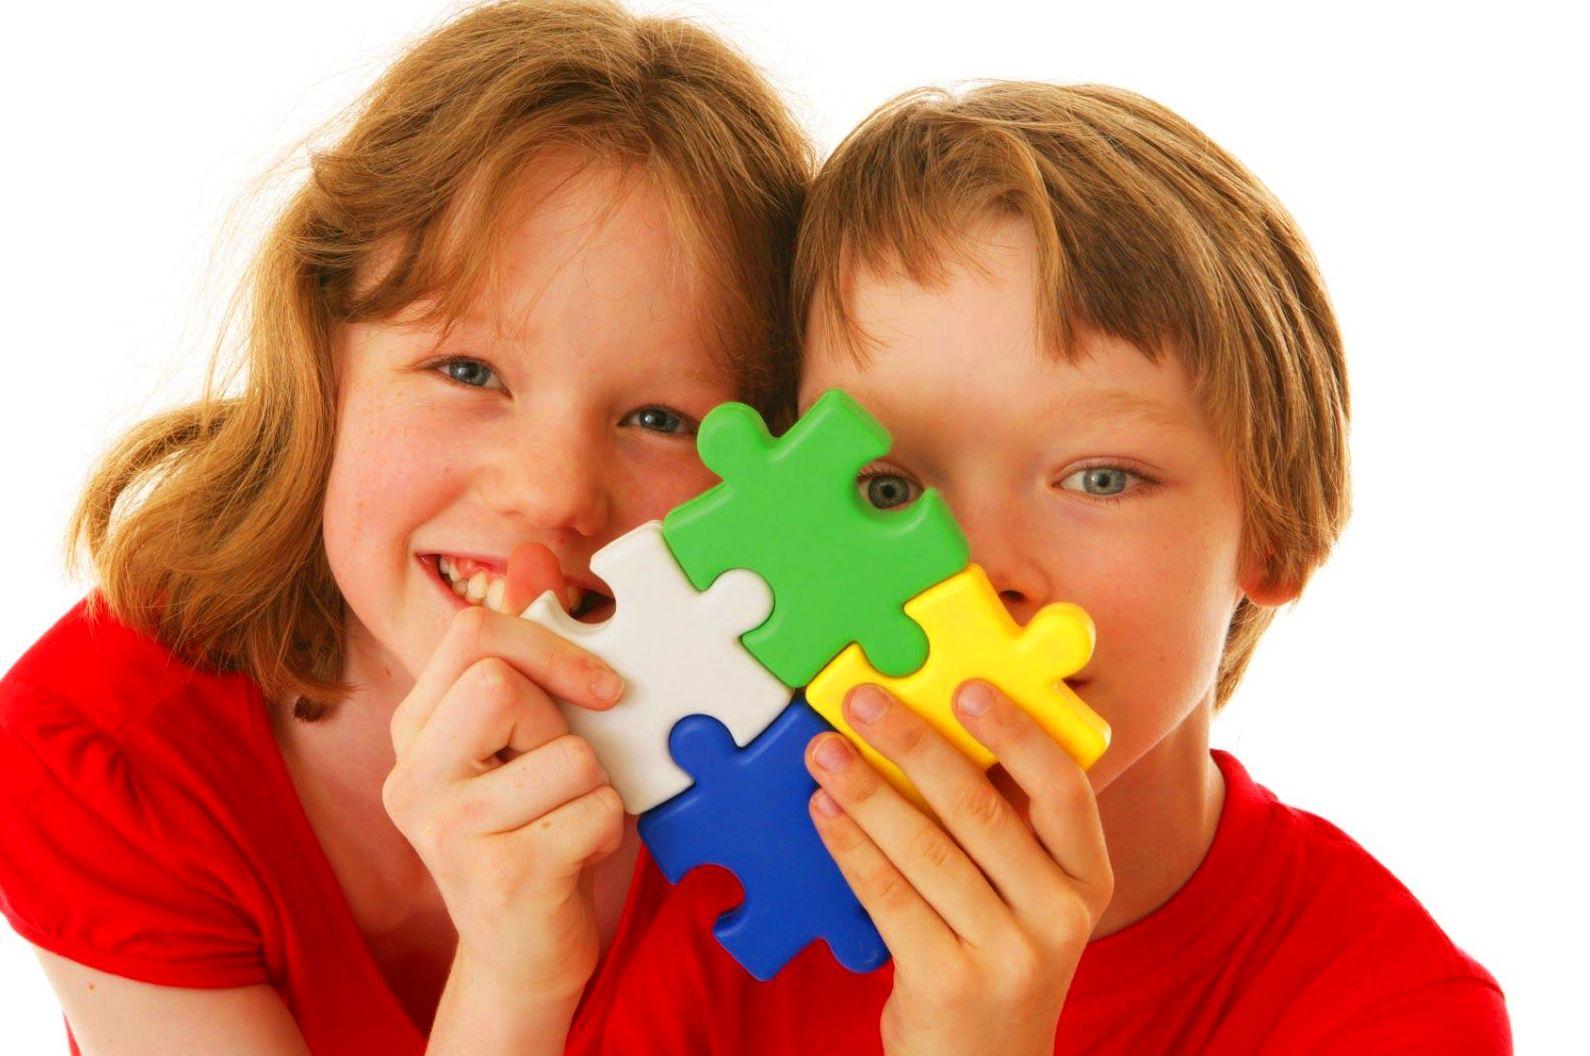 psicoterapia niños-psicología niños-coaching niños- coaching adolescentes